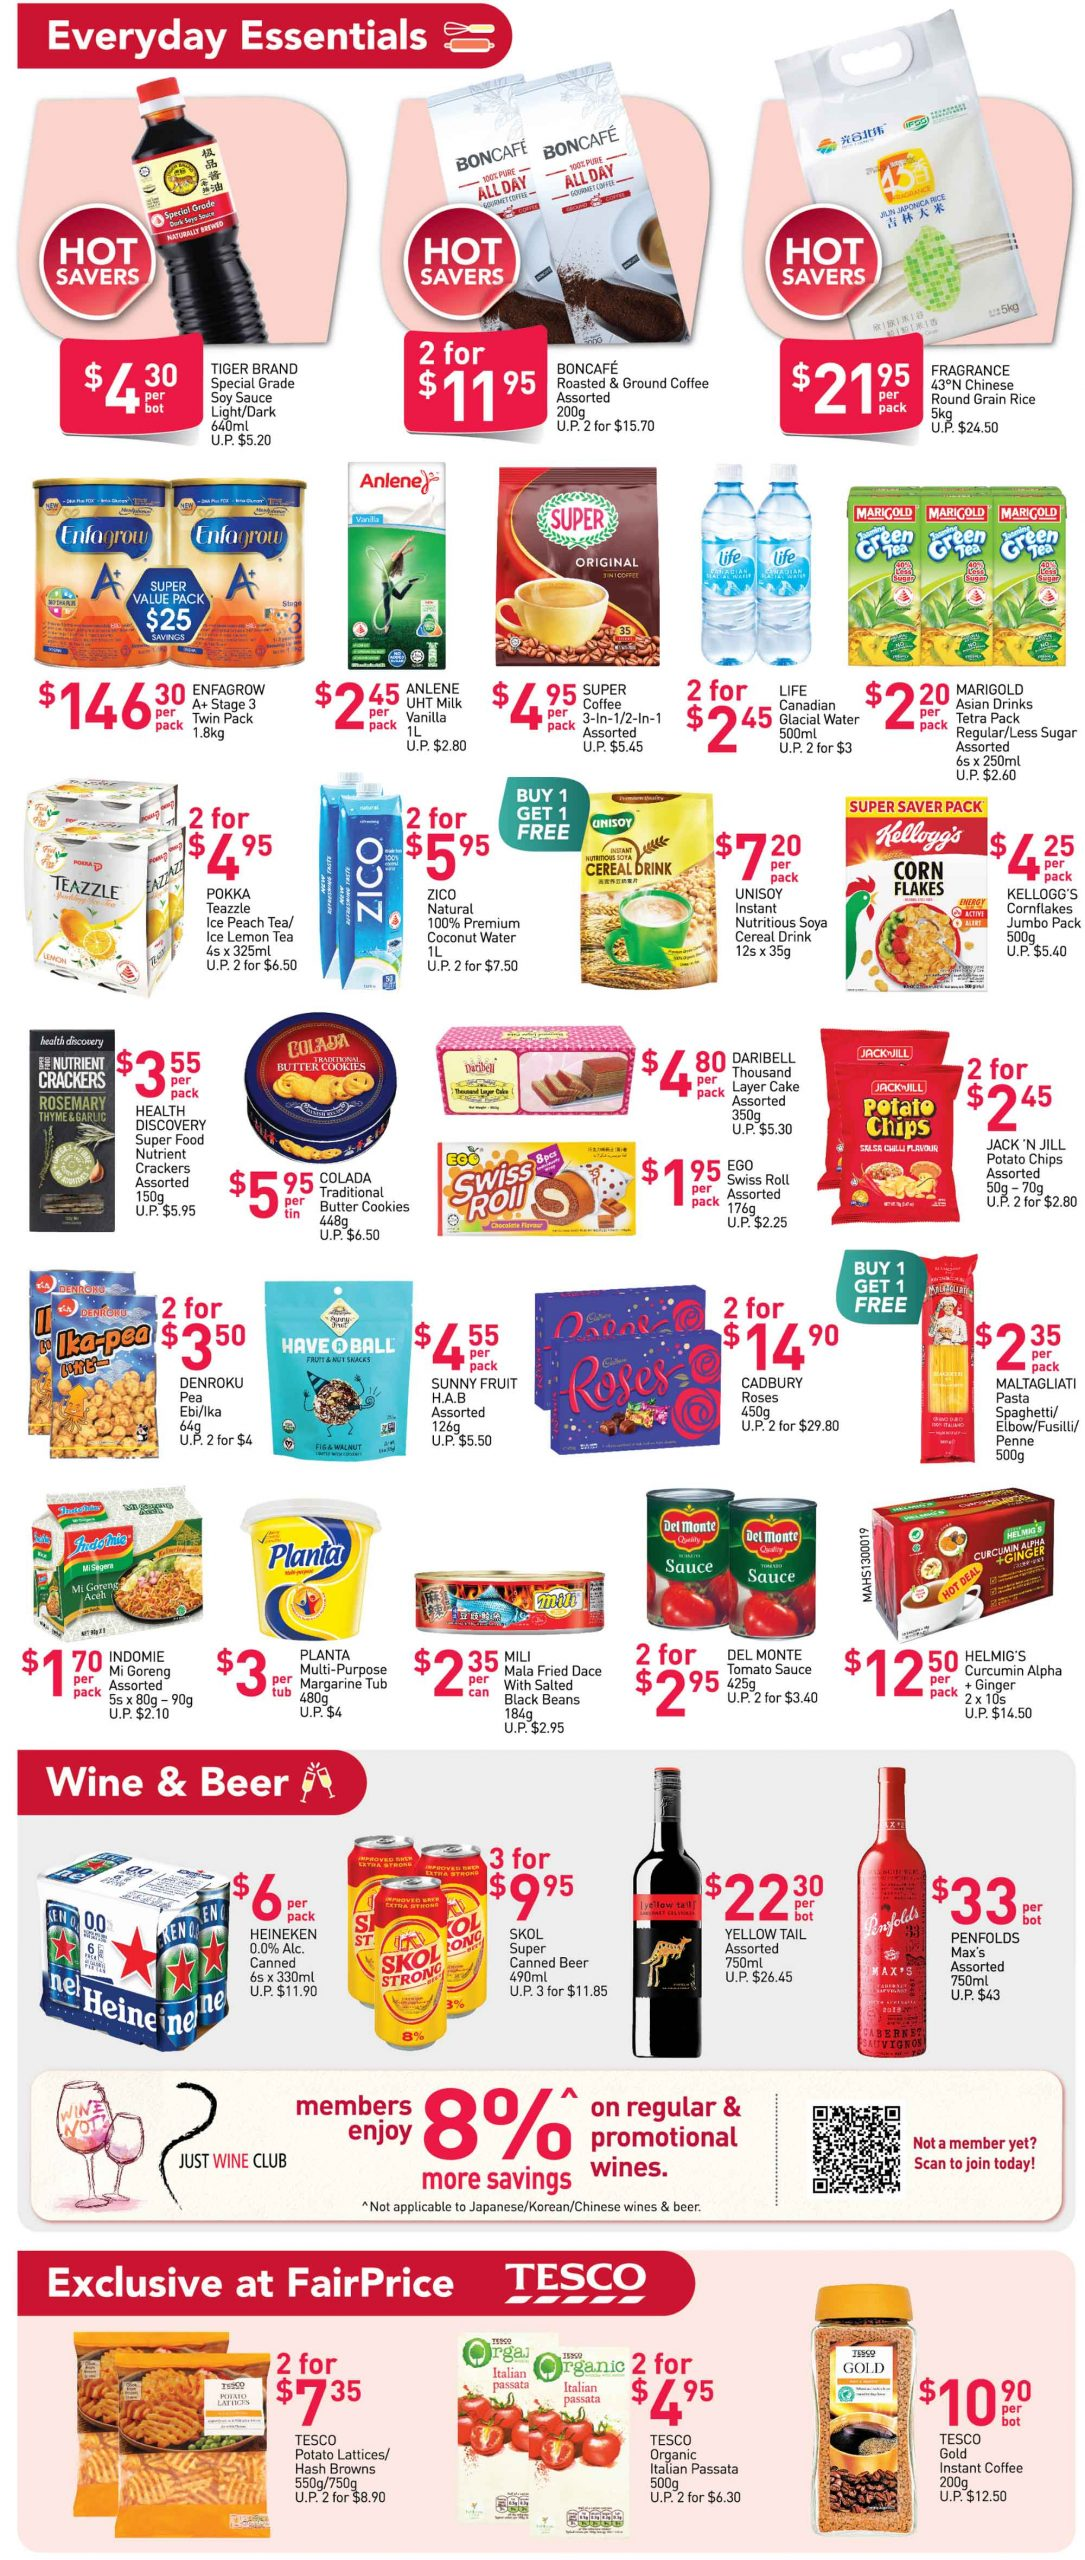 FairPrice's weekly saver deals till 9 December 2020